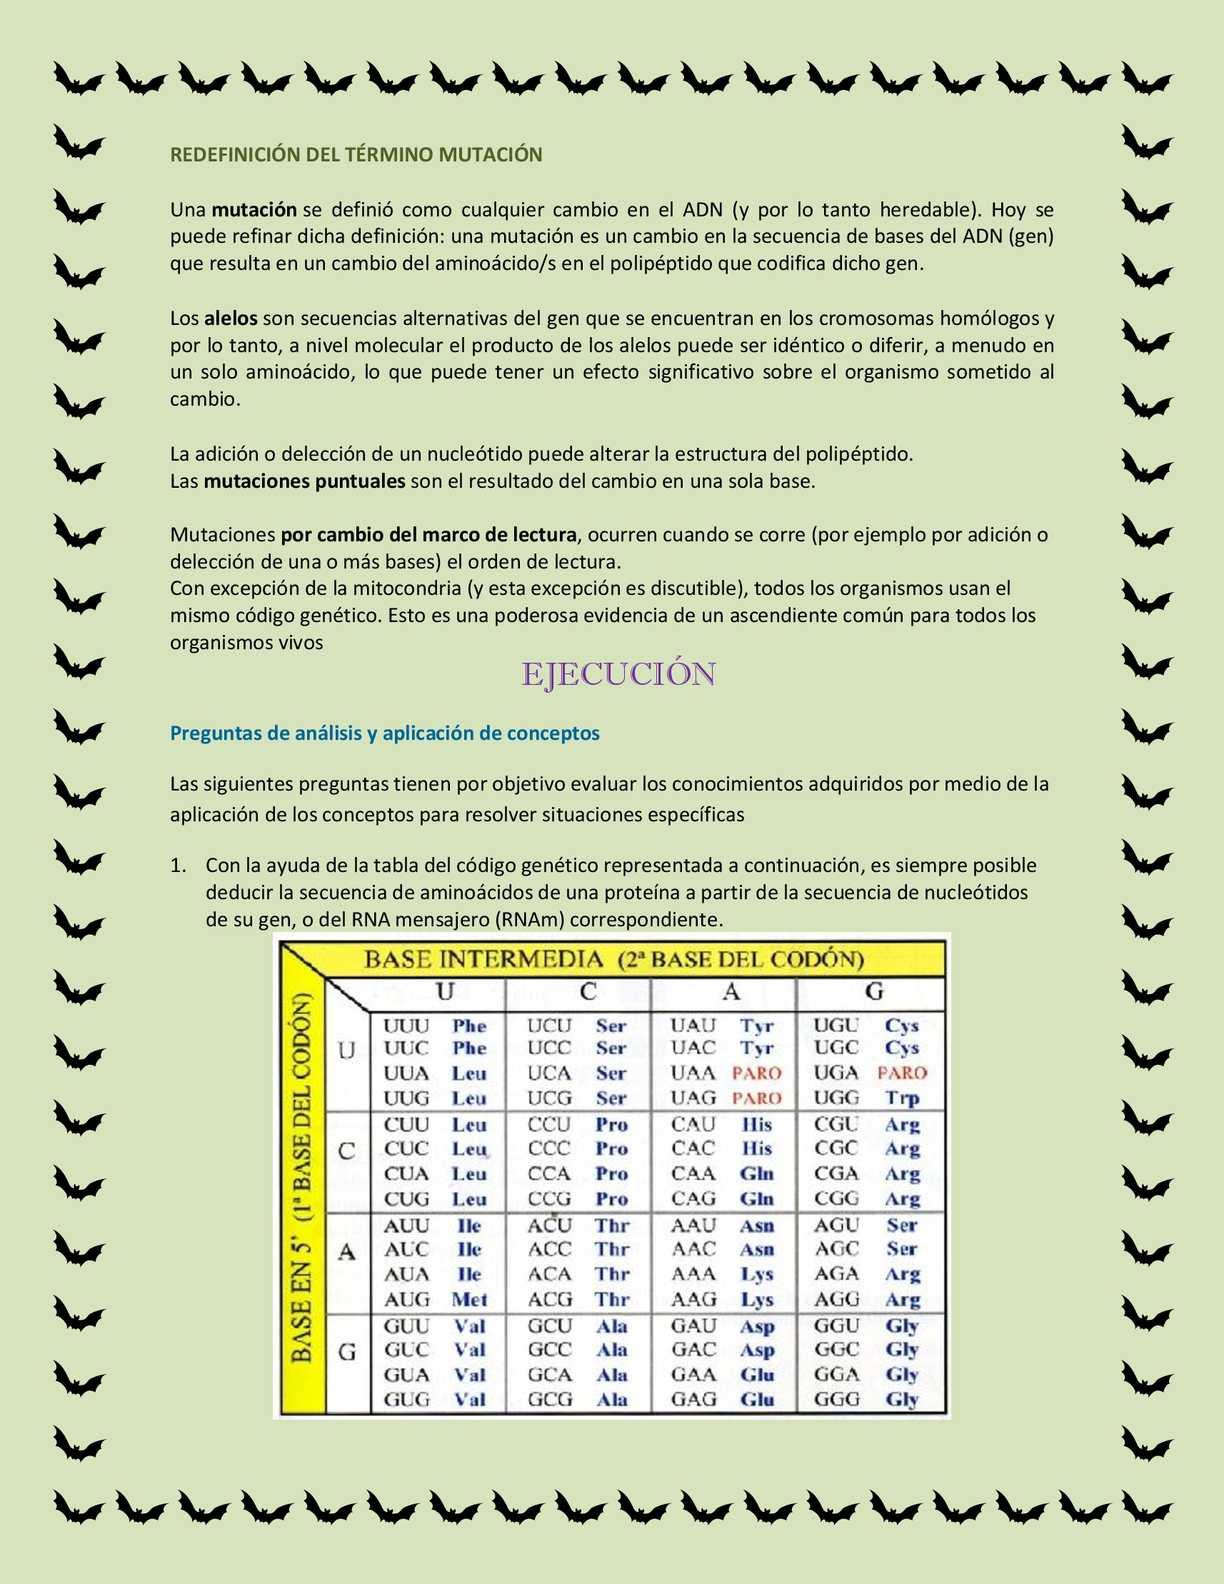 BIOLOGÍA OCTAVO - CALAMEO Downloader